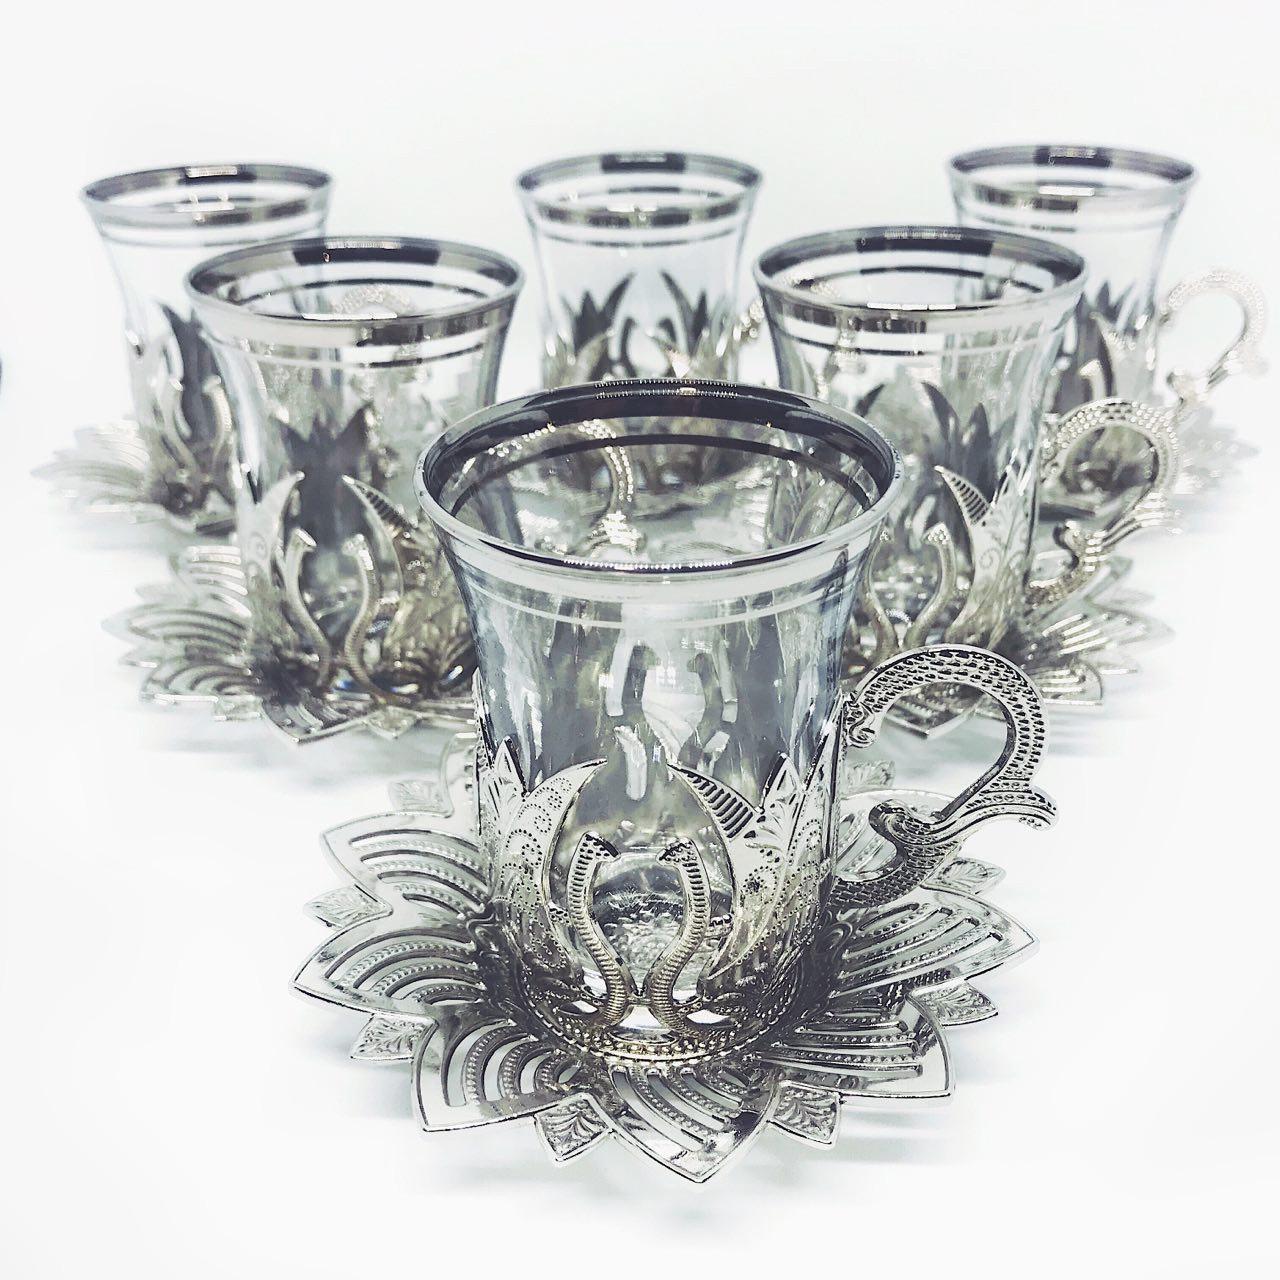 Турецькі рюмки з серії side MCA Vizyon з мельхіору в сріблі преміум якості набір з 6 штук